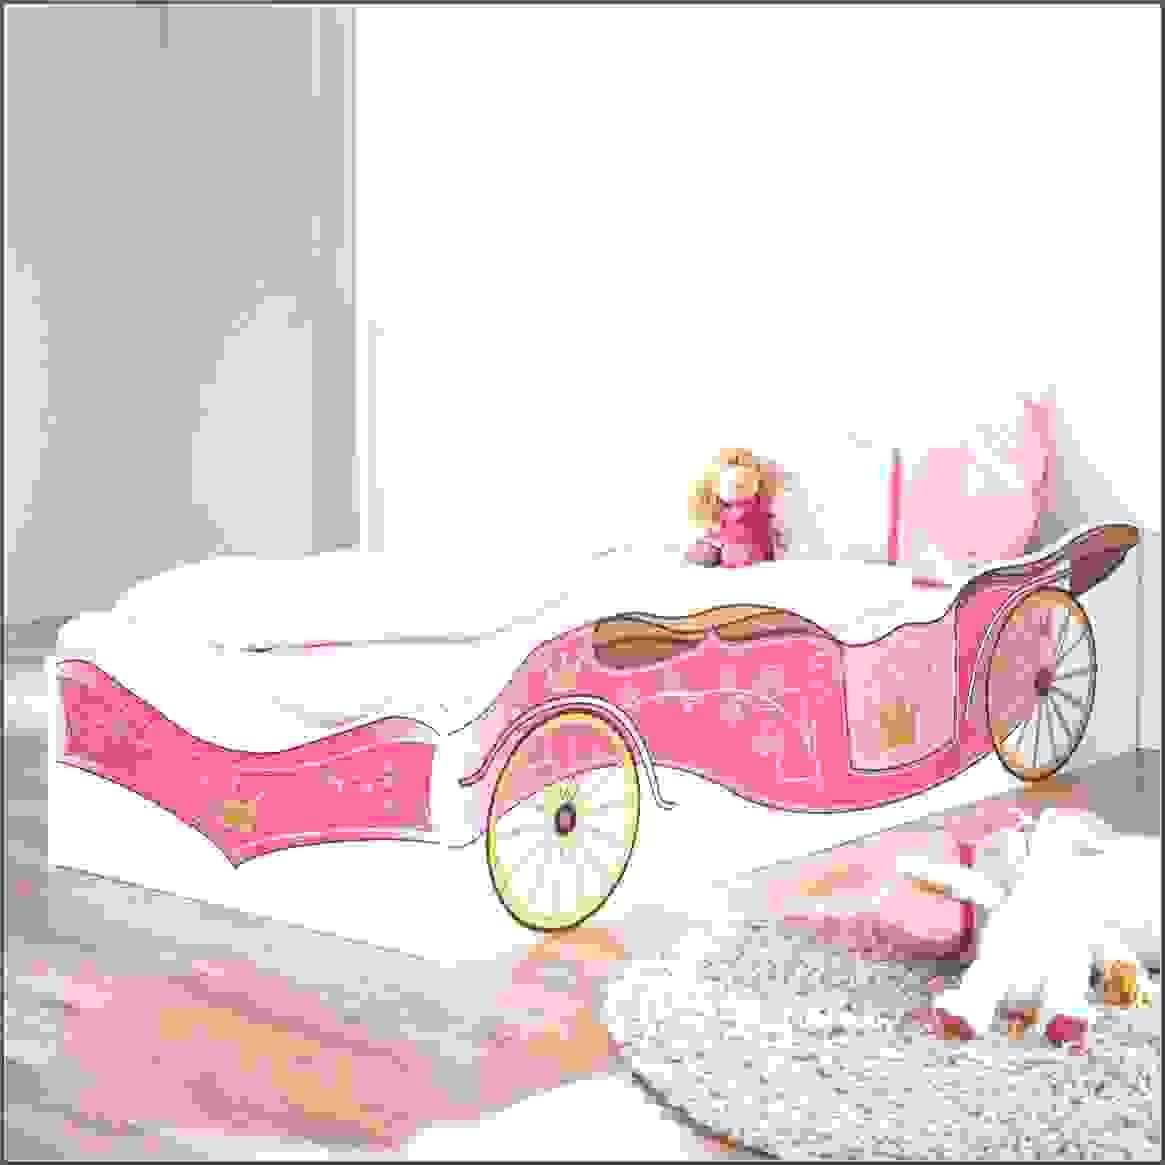 Bezaubernde Ideen Prinzessin Bett Kutsche Und Bemerkenswerte Von von Prinzessin Bett Selber Bauen Bild